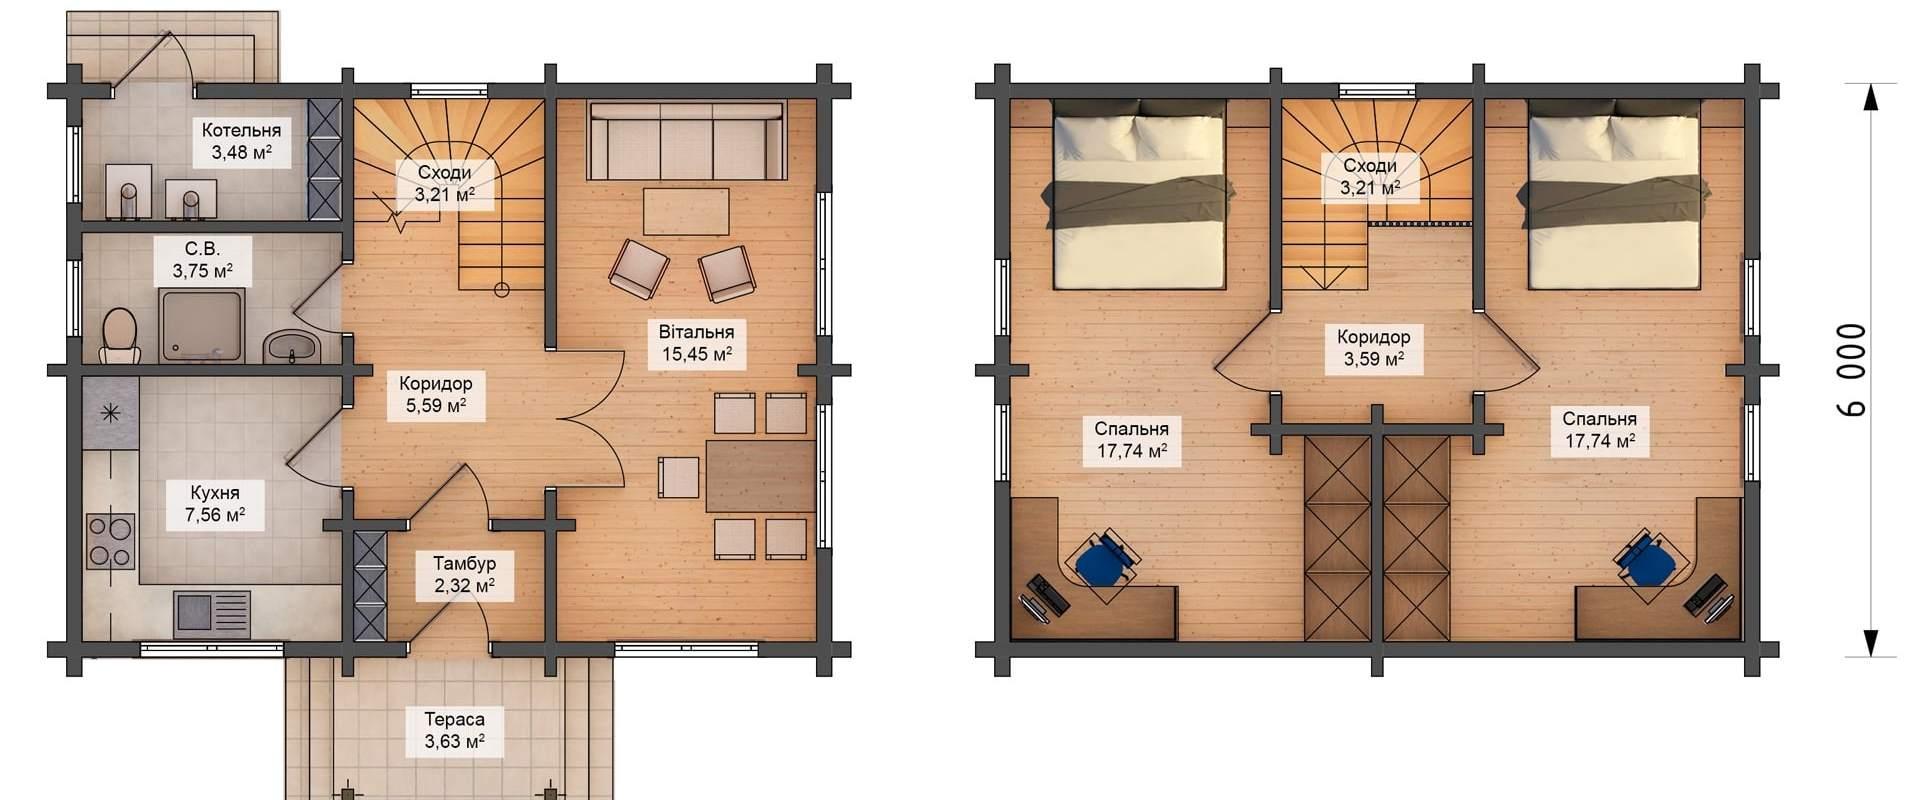 Строительство,деревянный дом «Байкал D006» под ключ,дом из бруса D006,дом из дерева